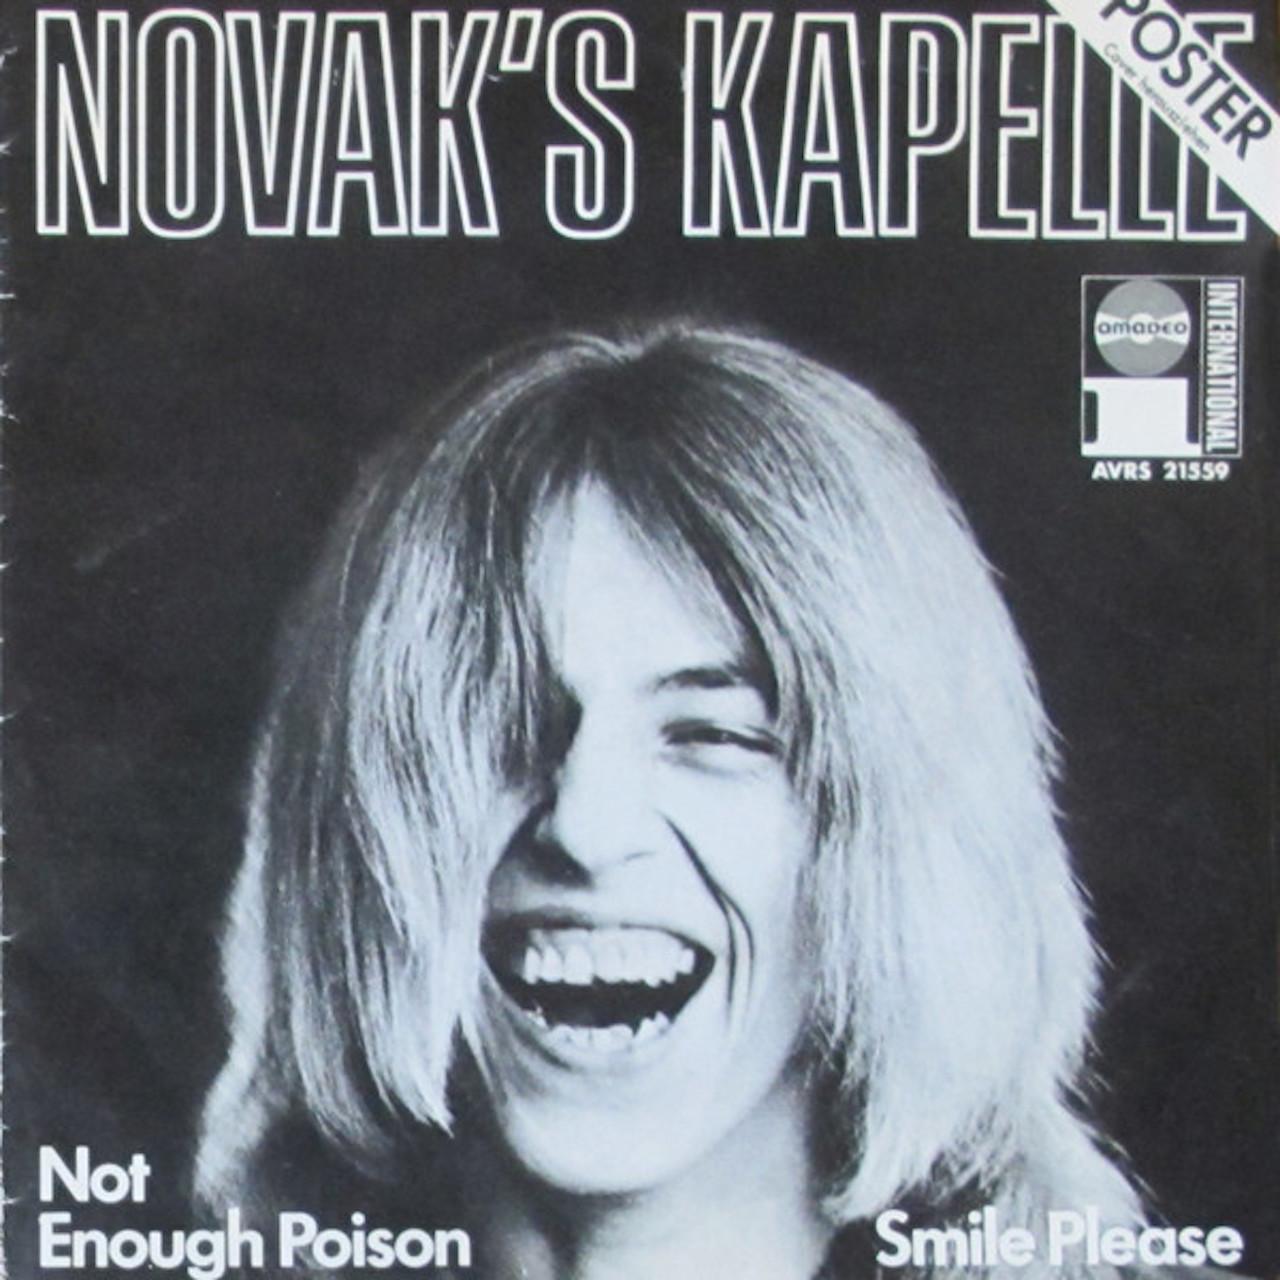 FM4 Schnitzelbeats- Novaks Kapelle